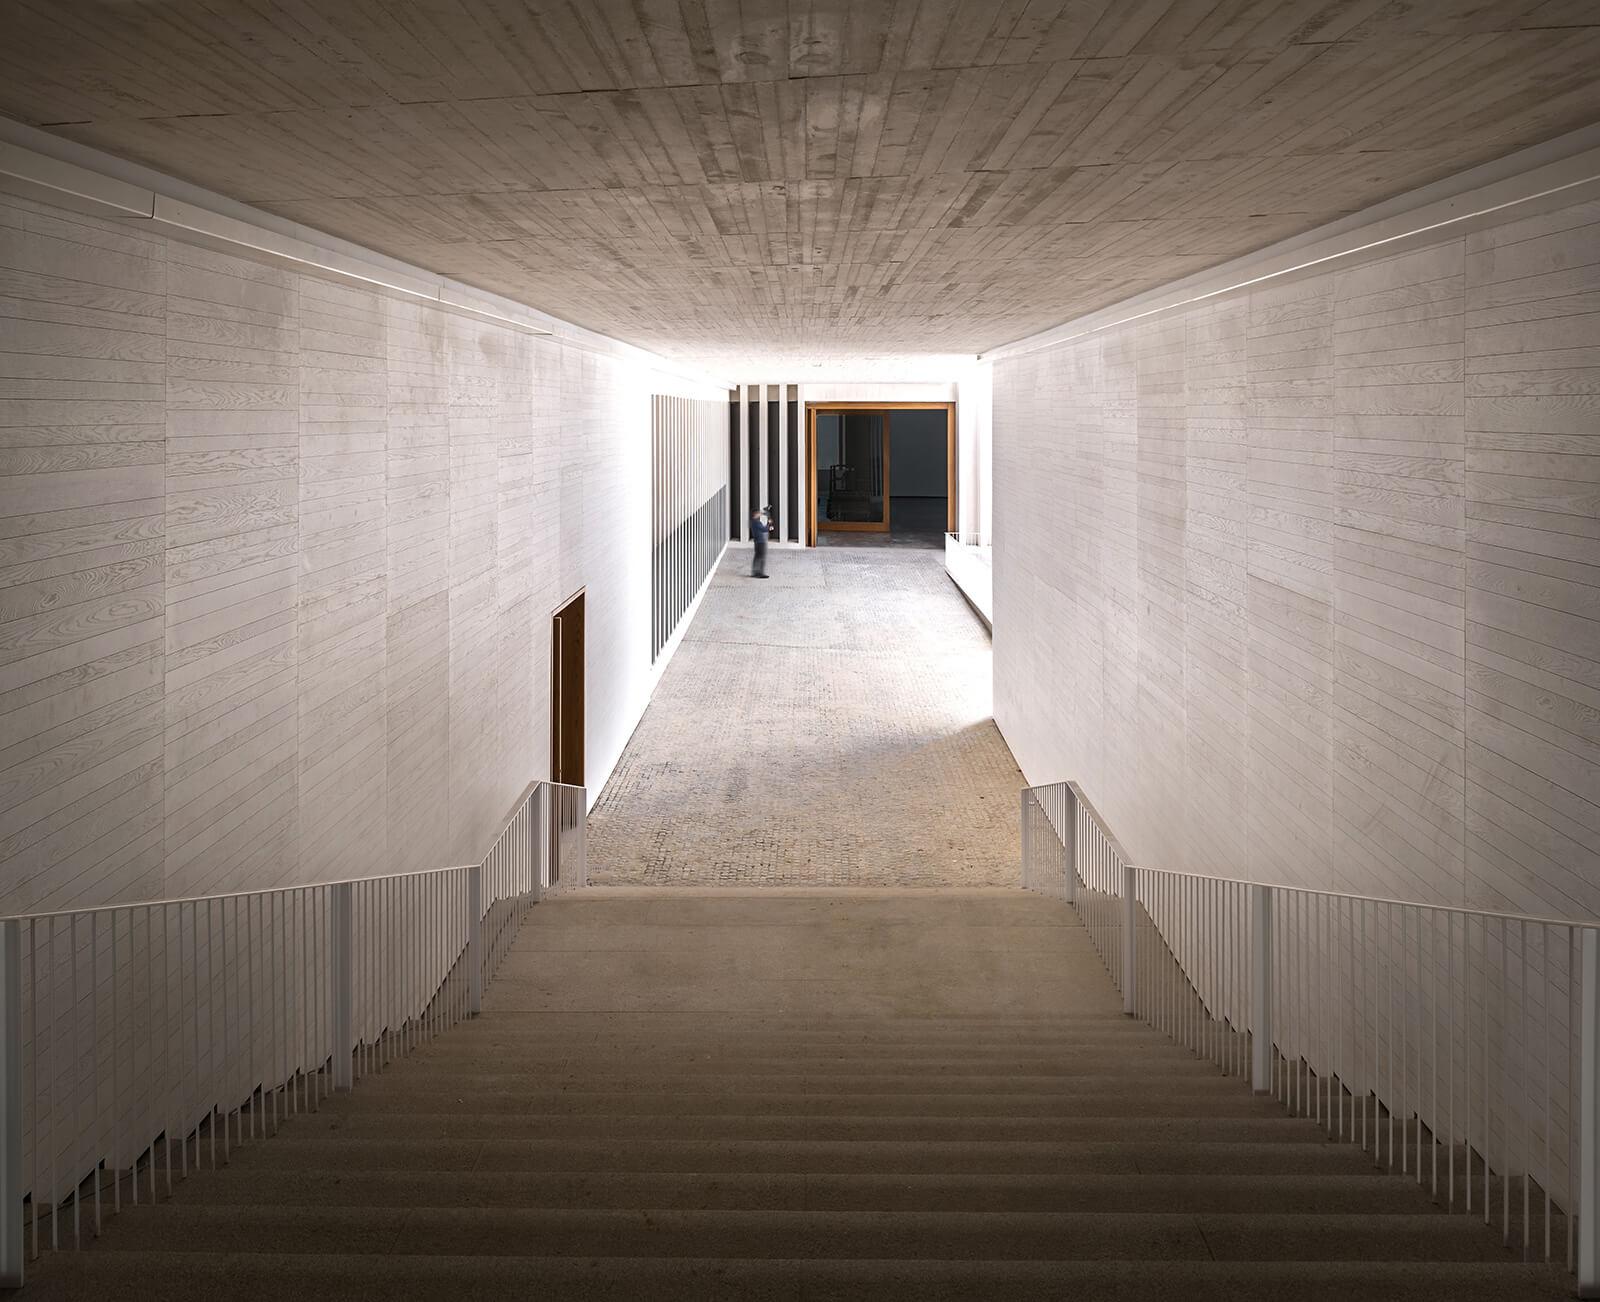 Museo de Arte Contemporáneo Helga de Alvear  - 7 1 47